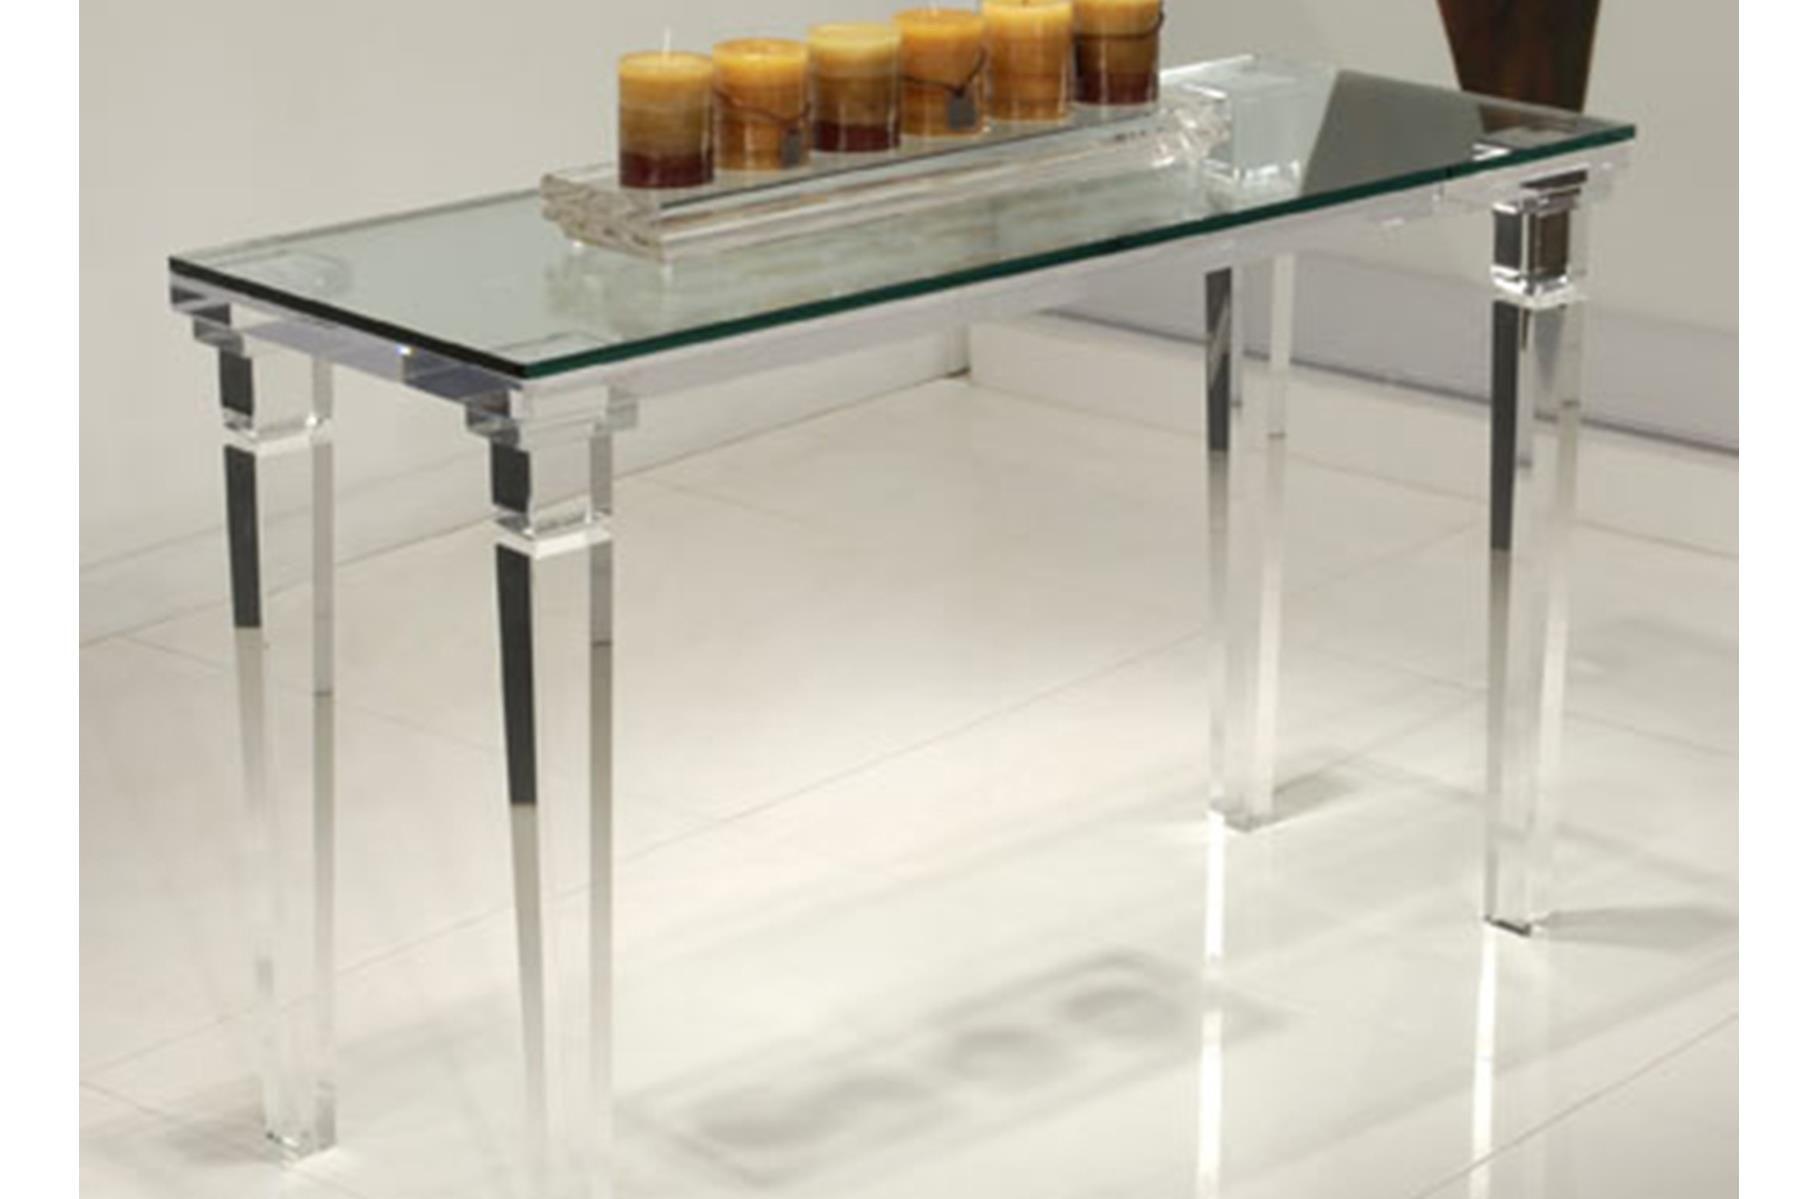 Couch Tisch Schmalen Tisch Acryl Beistelltisch Sofa Tisch Mit Ablage